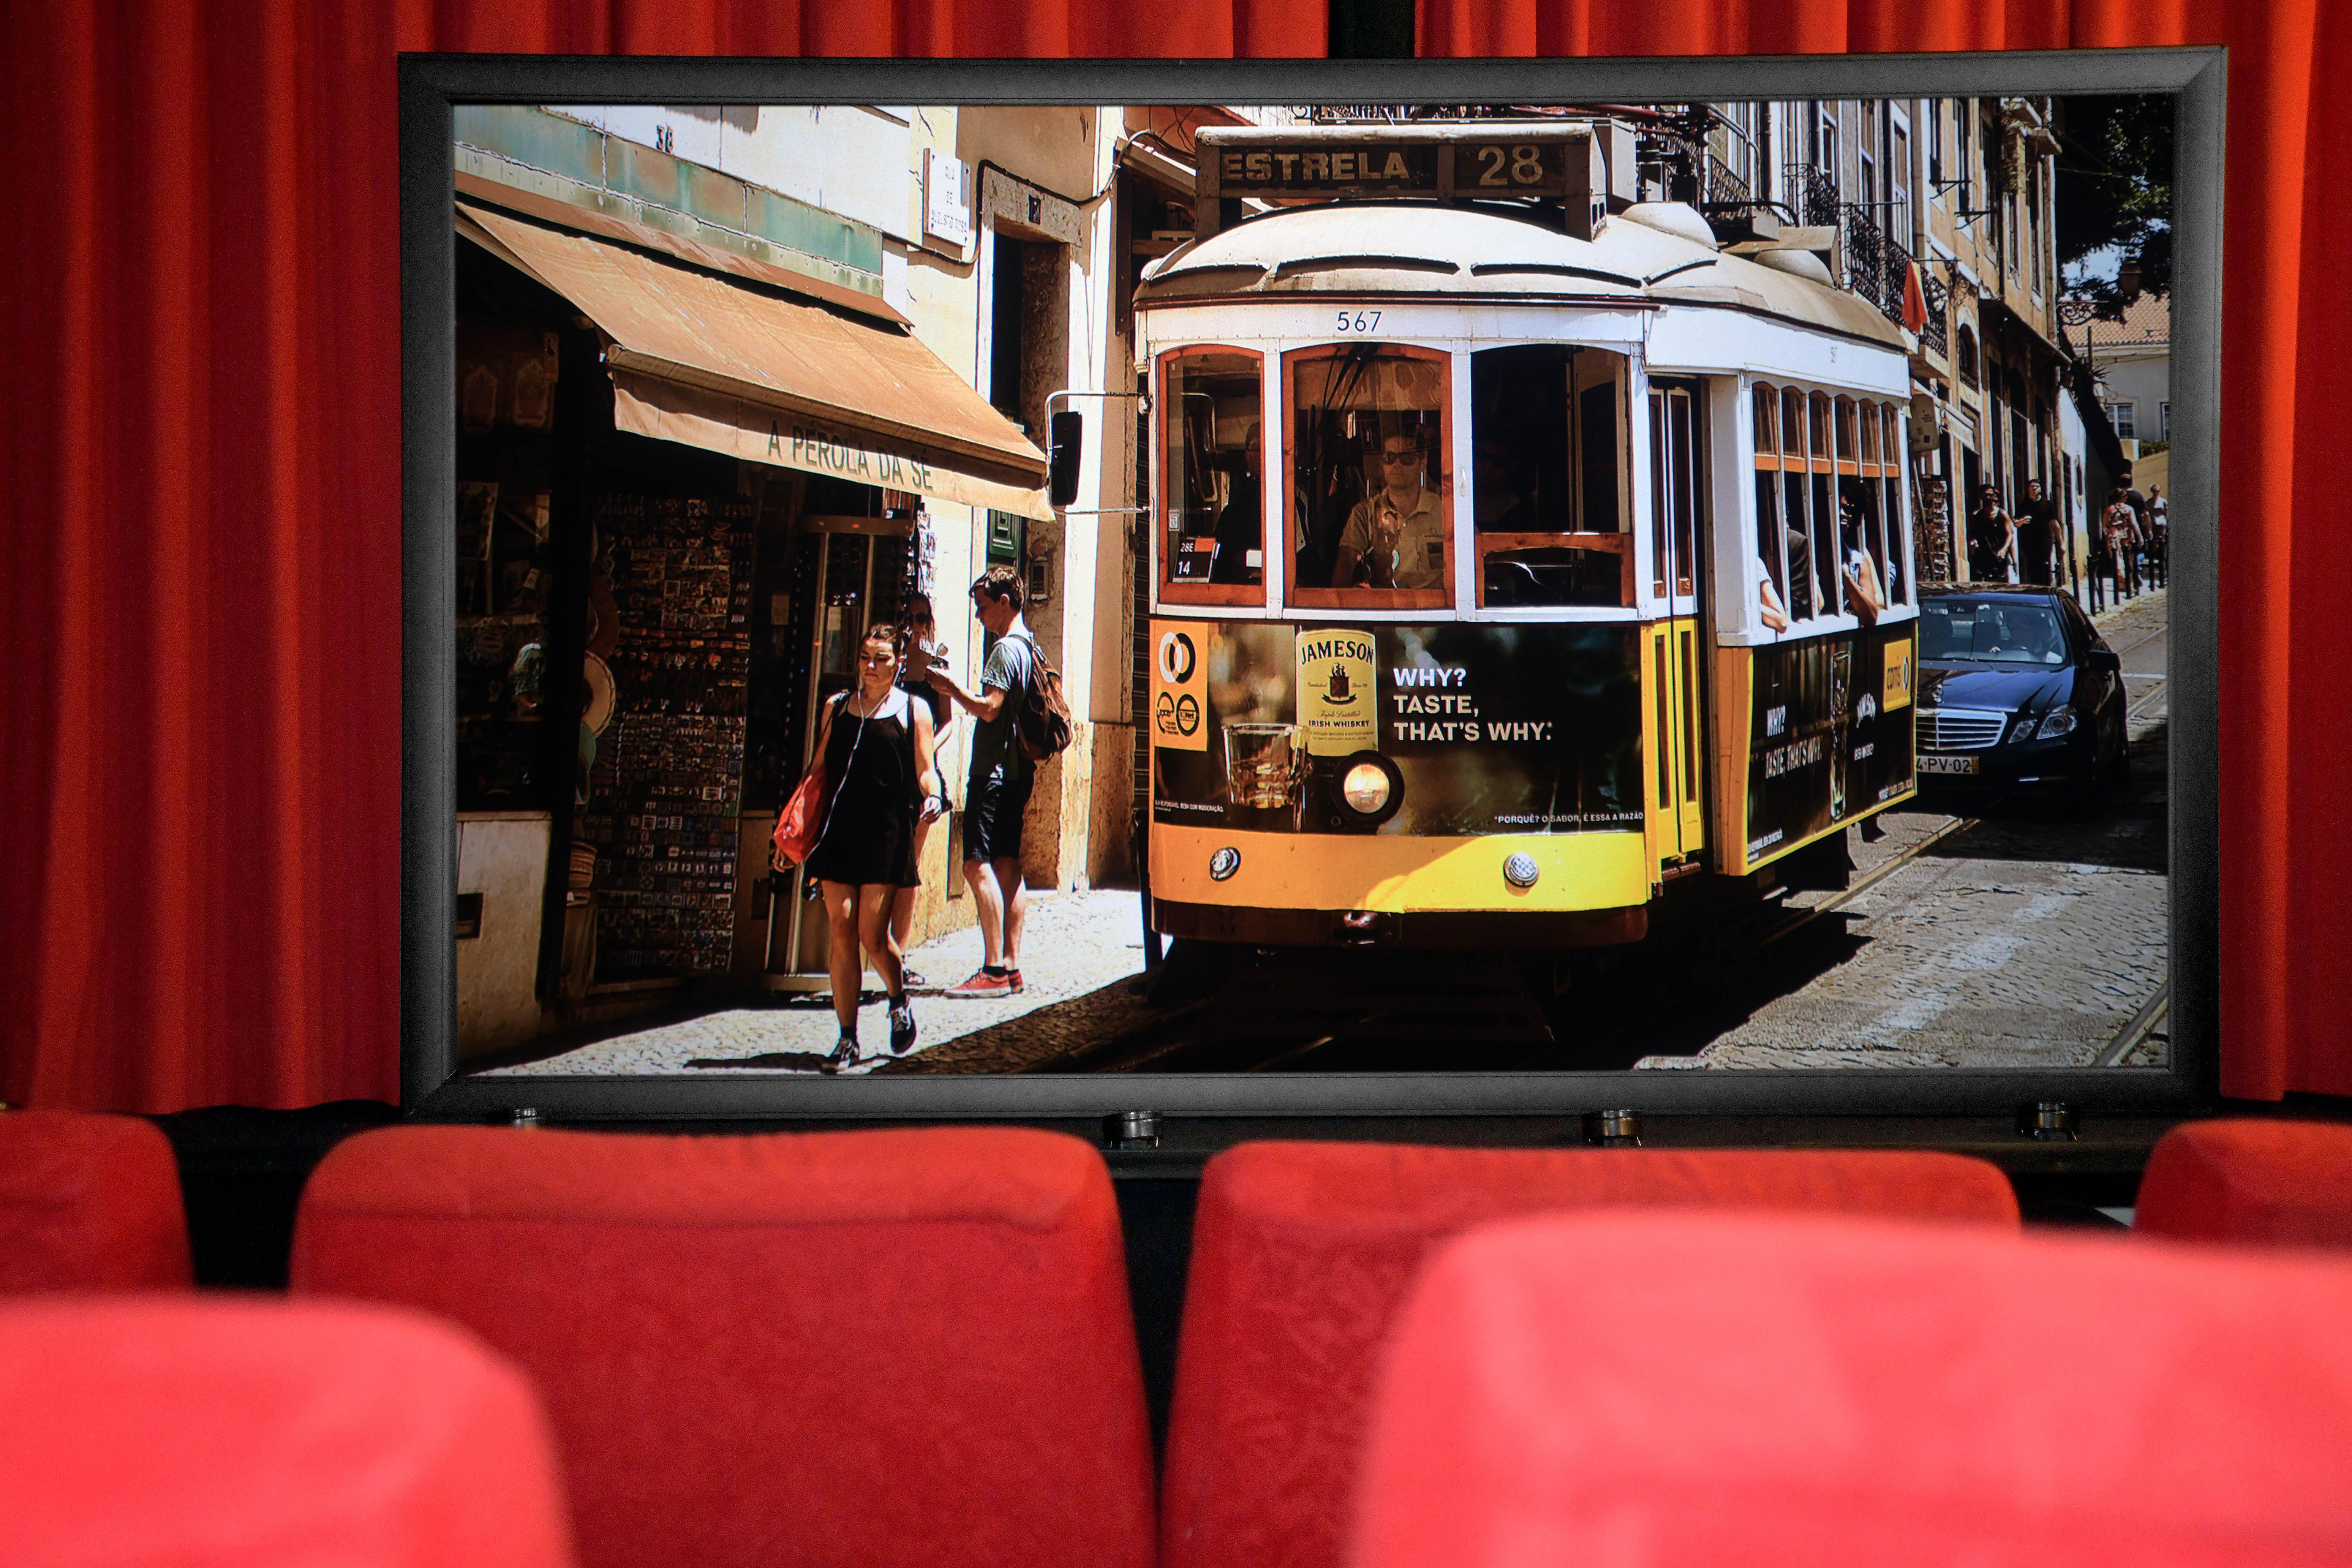 Gut verarbeitet und elegant designt - die WS S CinemaFrame Ambient HC. Foto: Michael B. Rehders